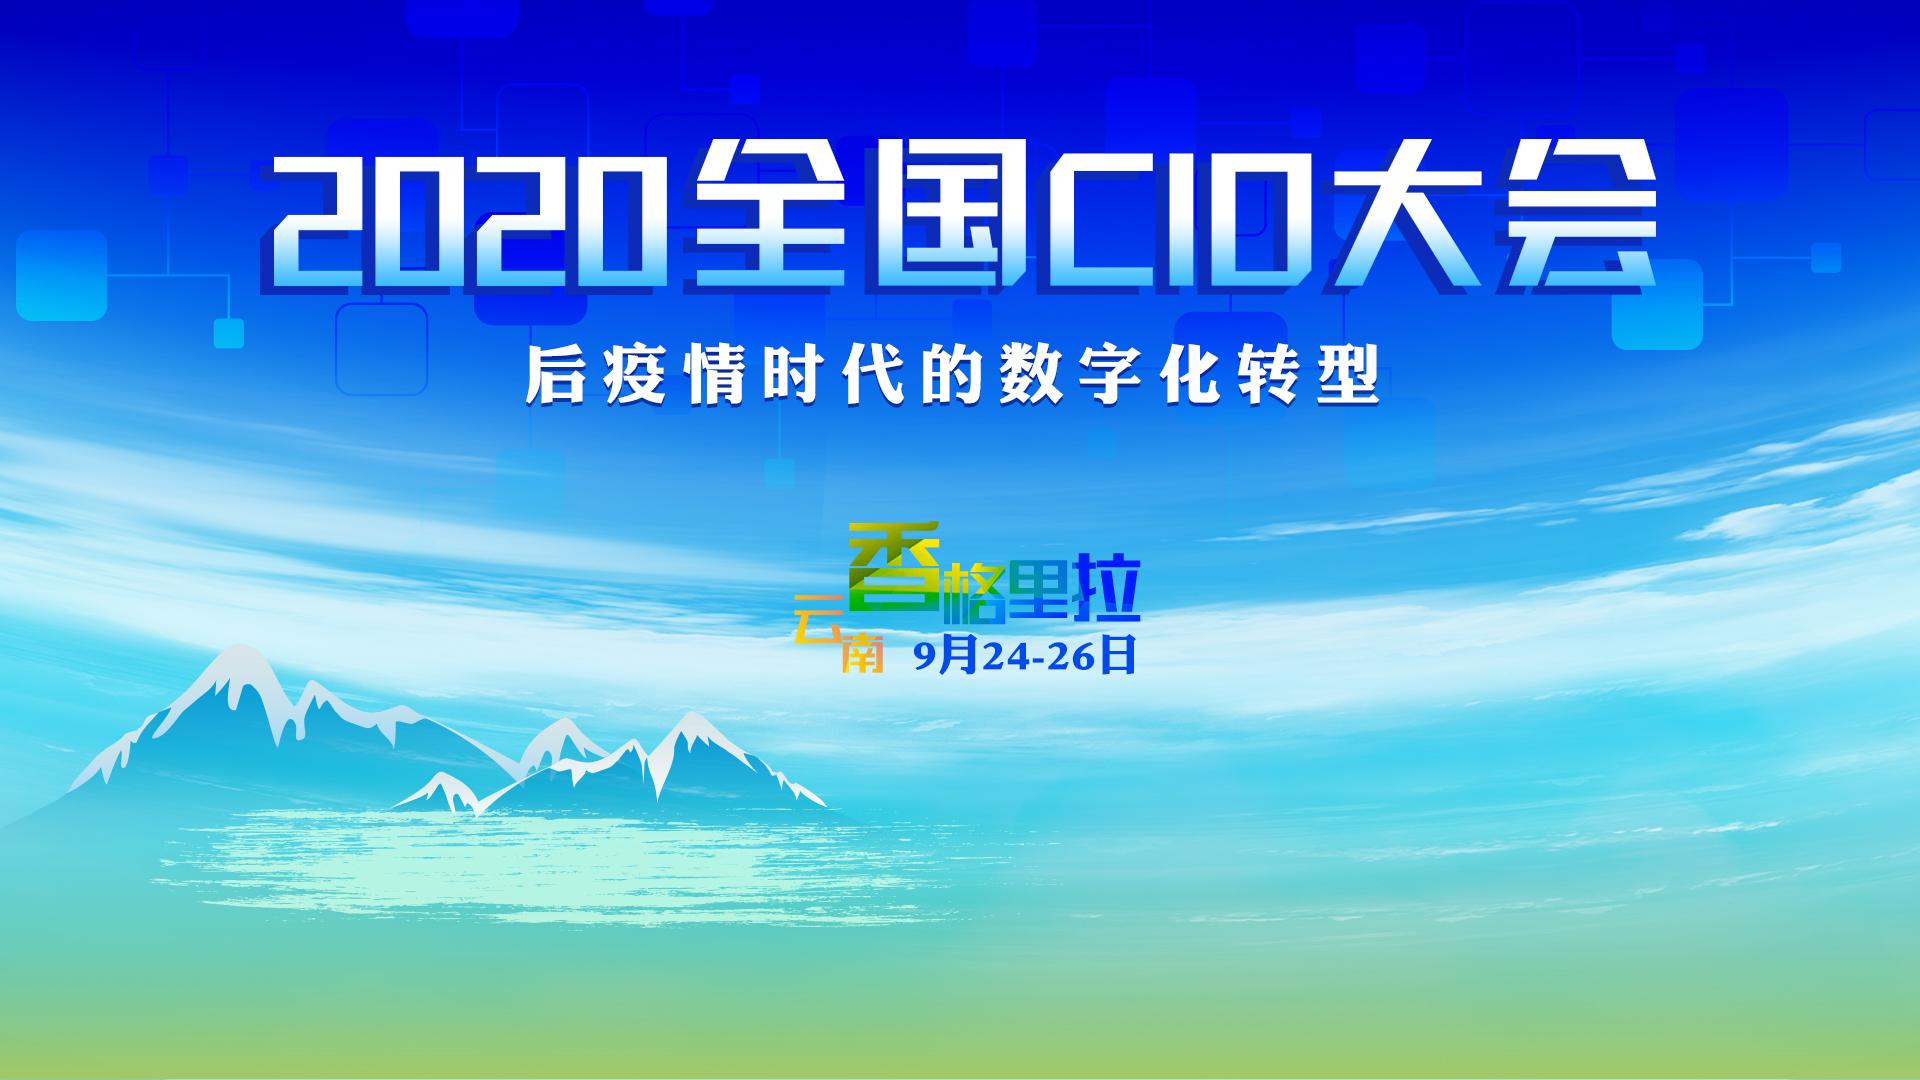 2020 CIOC全国CIO大会将于9月24-26日于云南召开